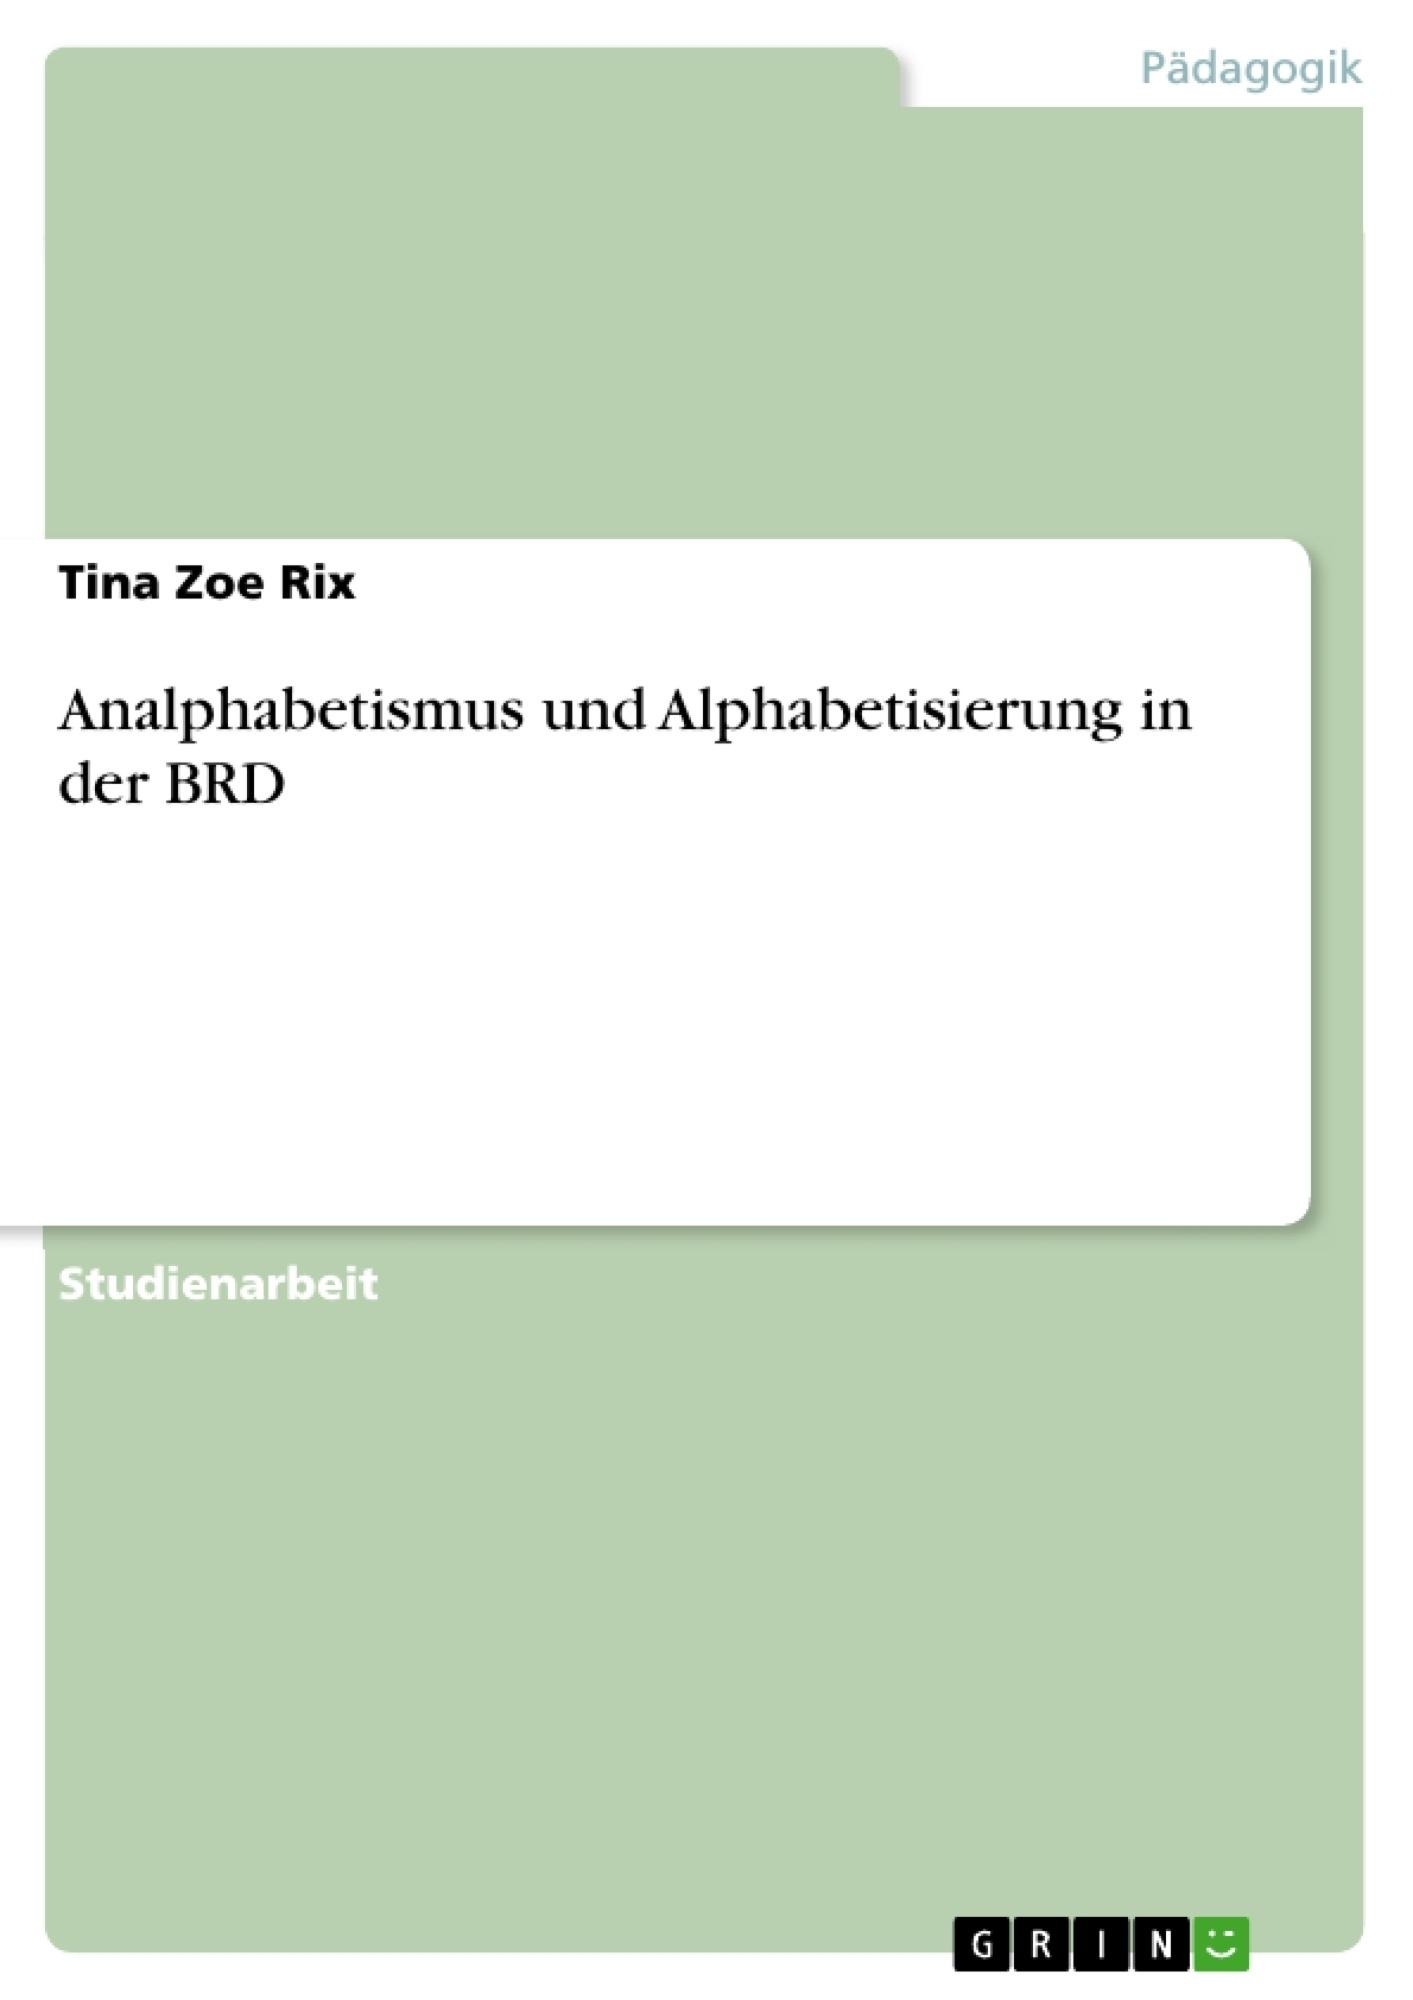 Titel: Analphabetismus und Alphabetisierung in der BRD